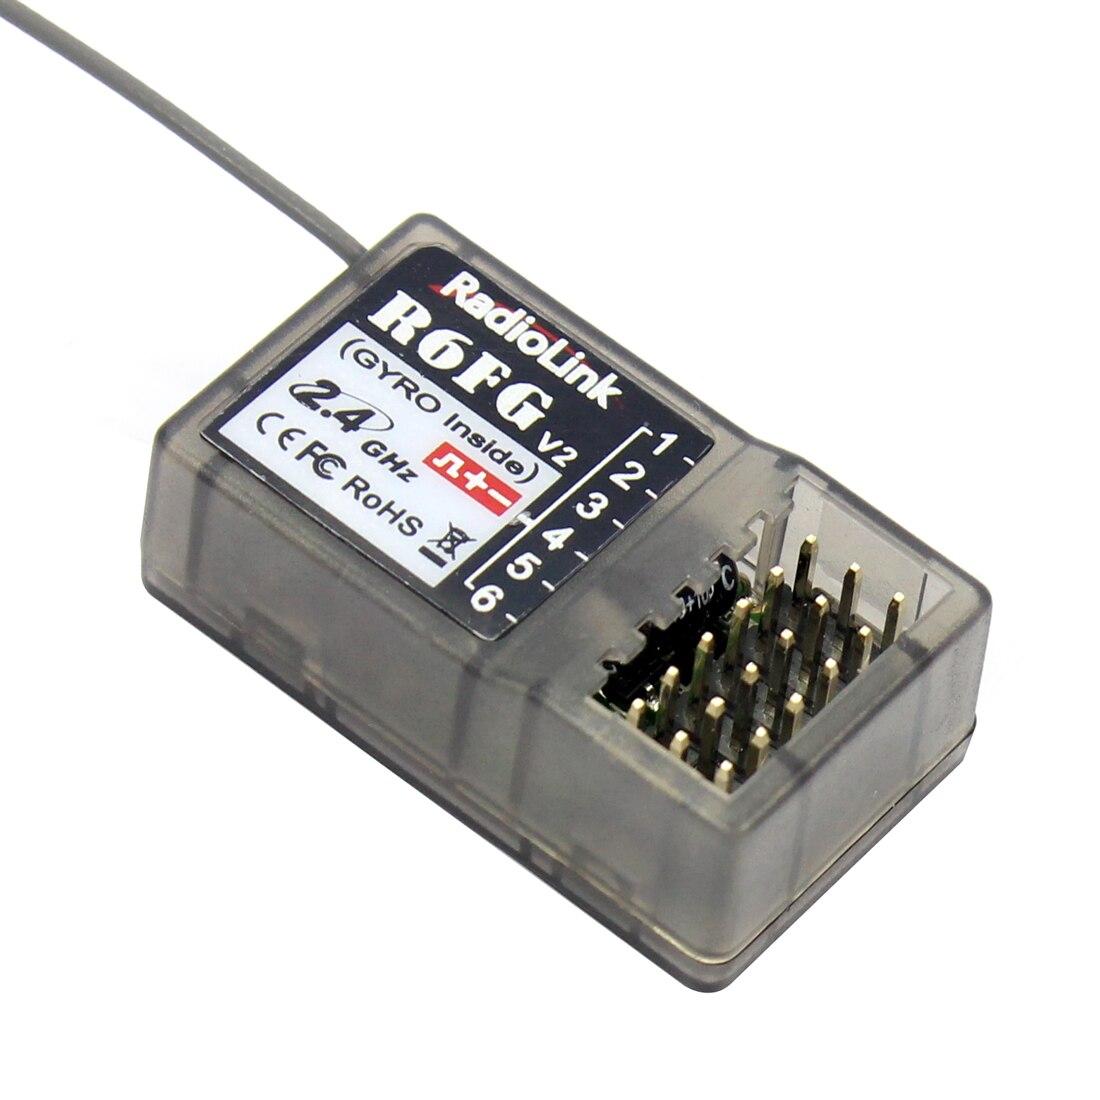 Radiolink FHSS R6FG 2,4g 6 Kanal Radio Control System Empfänger RX für RC4GS RC3S T8FB Sender F21425